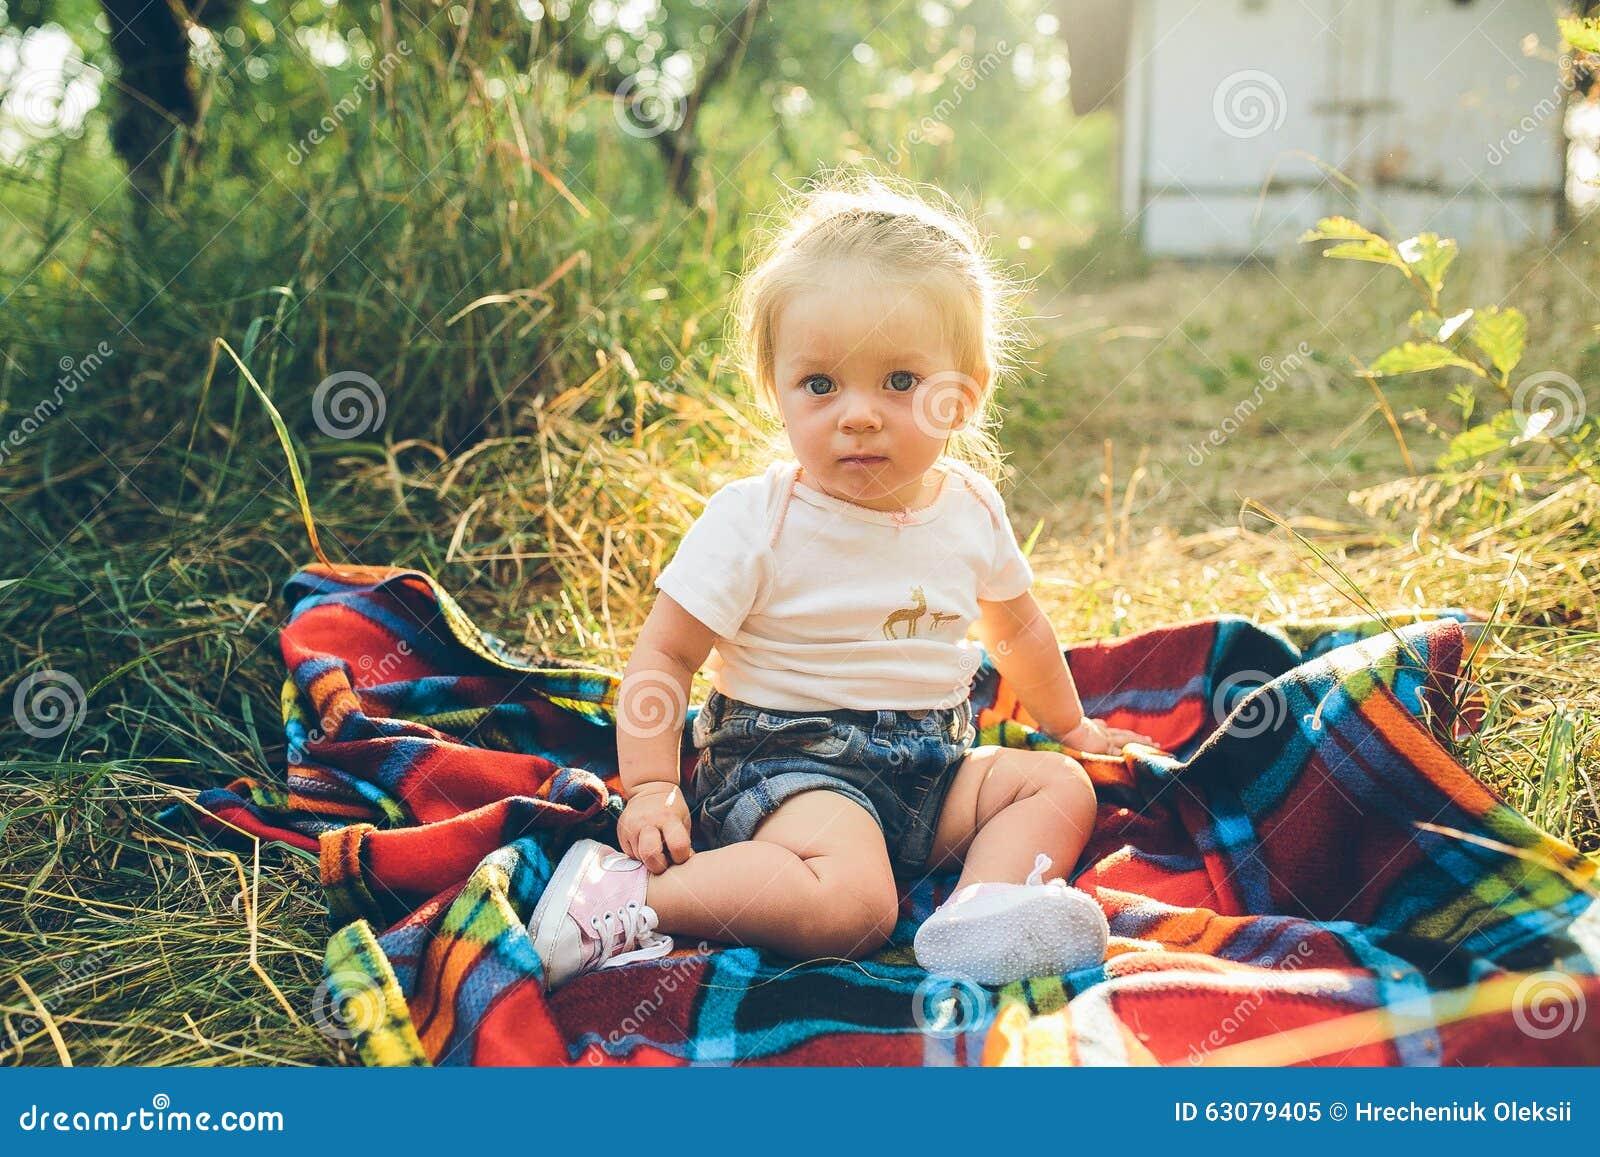 Download Petite Fille S'asseyant Sur La Pelouse Image stock - Image du joie, beauté: 63079405